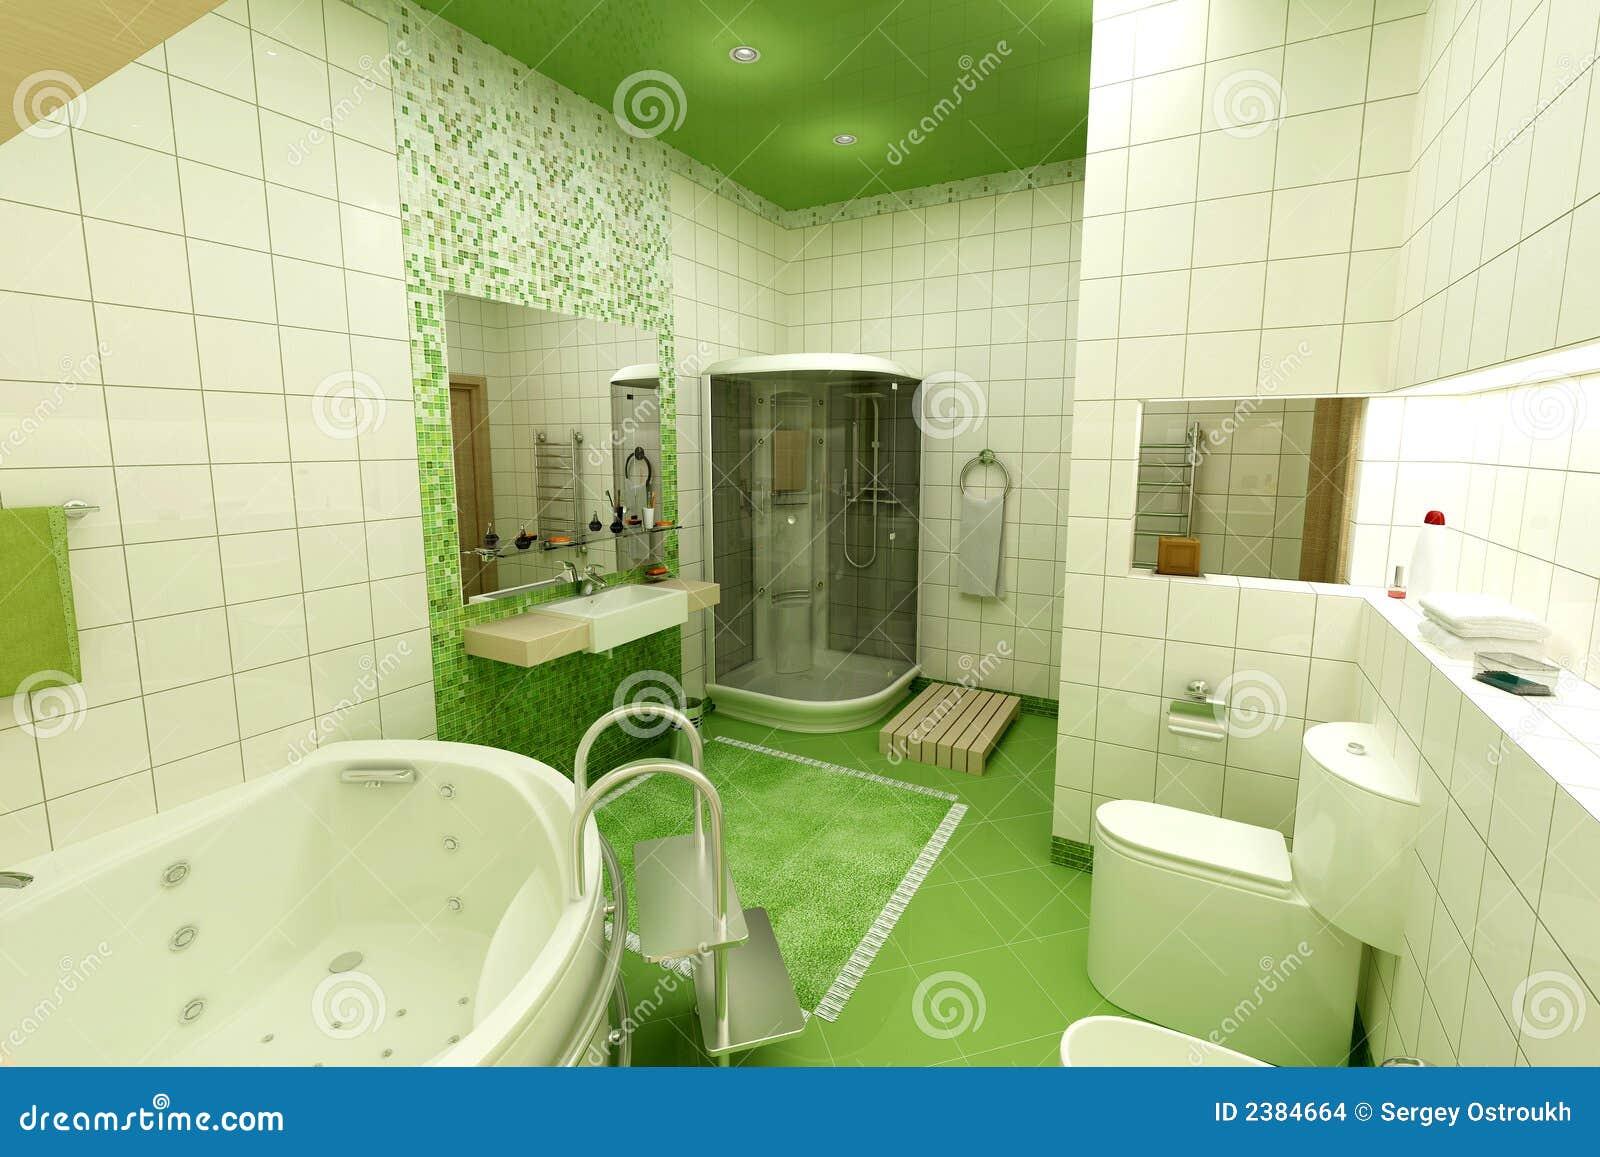 Imagens de Stock: Banheiro verde #486D15 1300 957